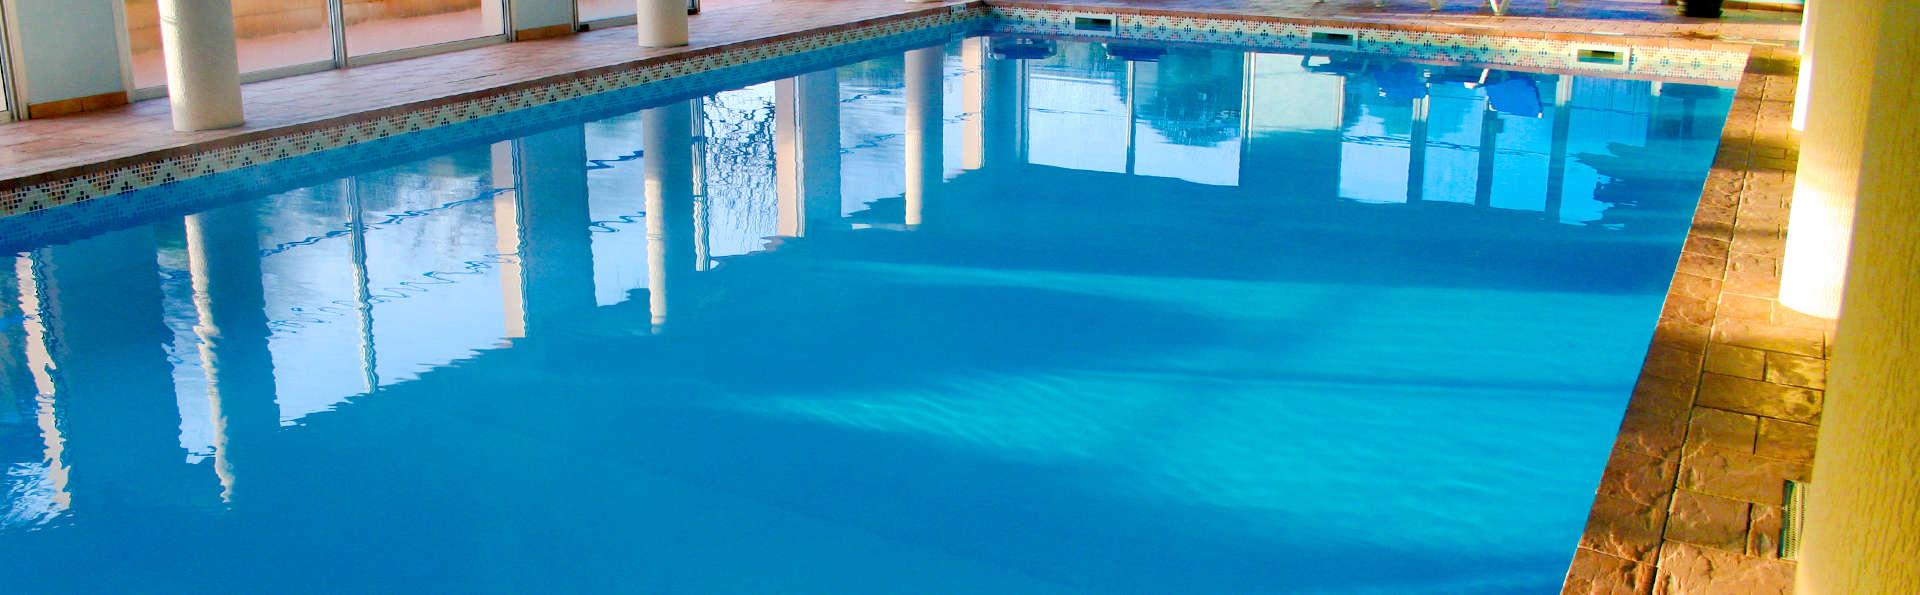 Week end de charme quiberon avec acc s la piscine for Hotel quiberon piscine